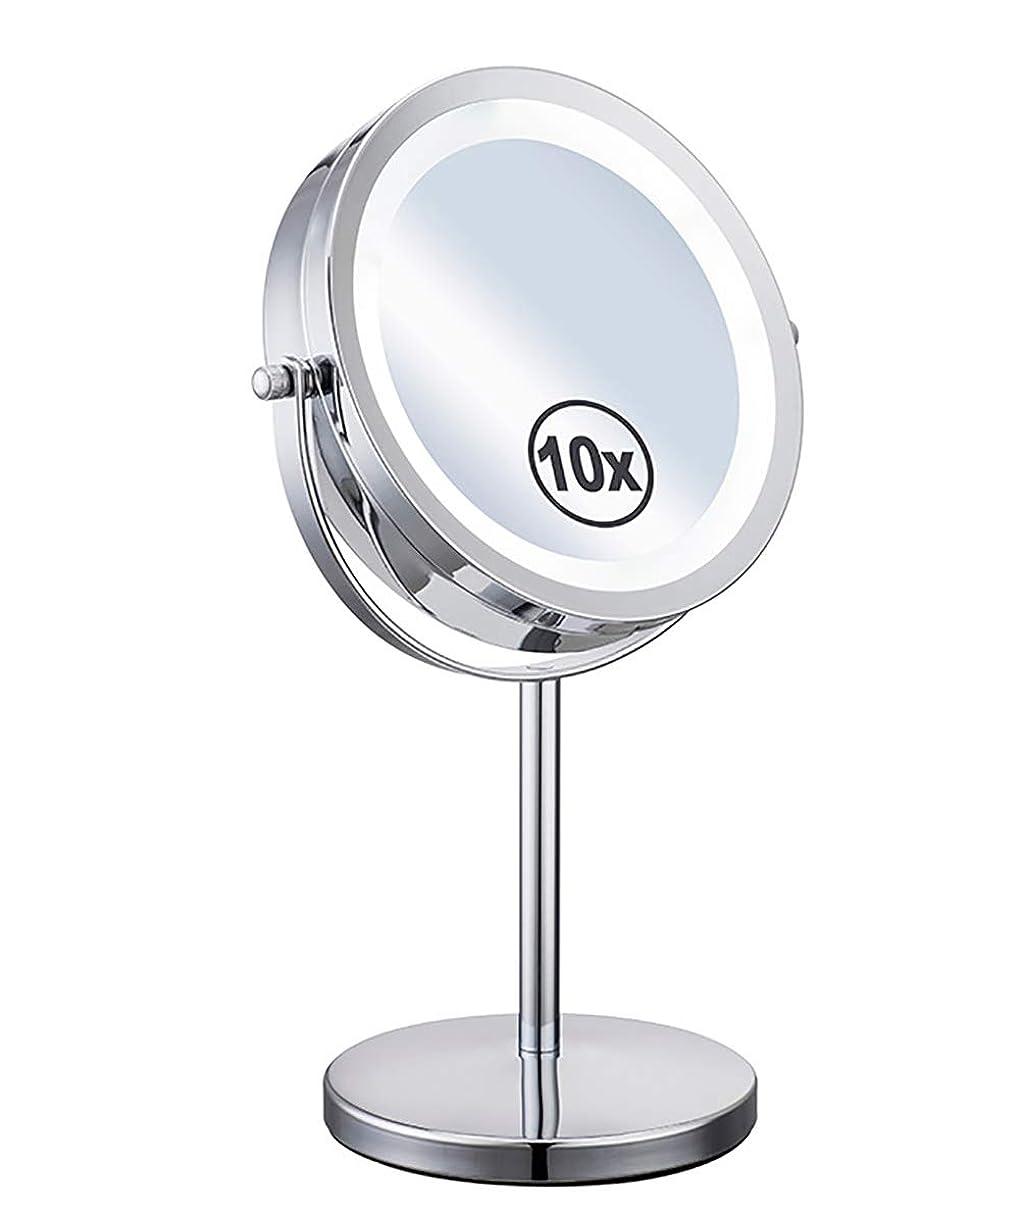 煩わしいパイプライン続編LED照明付き化粧鏡補助ランプデスクトップ両面360°スイベル1倍/ 10倍拡大鏡個人用とミラー